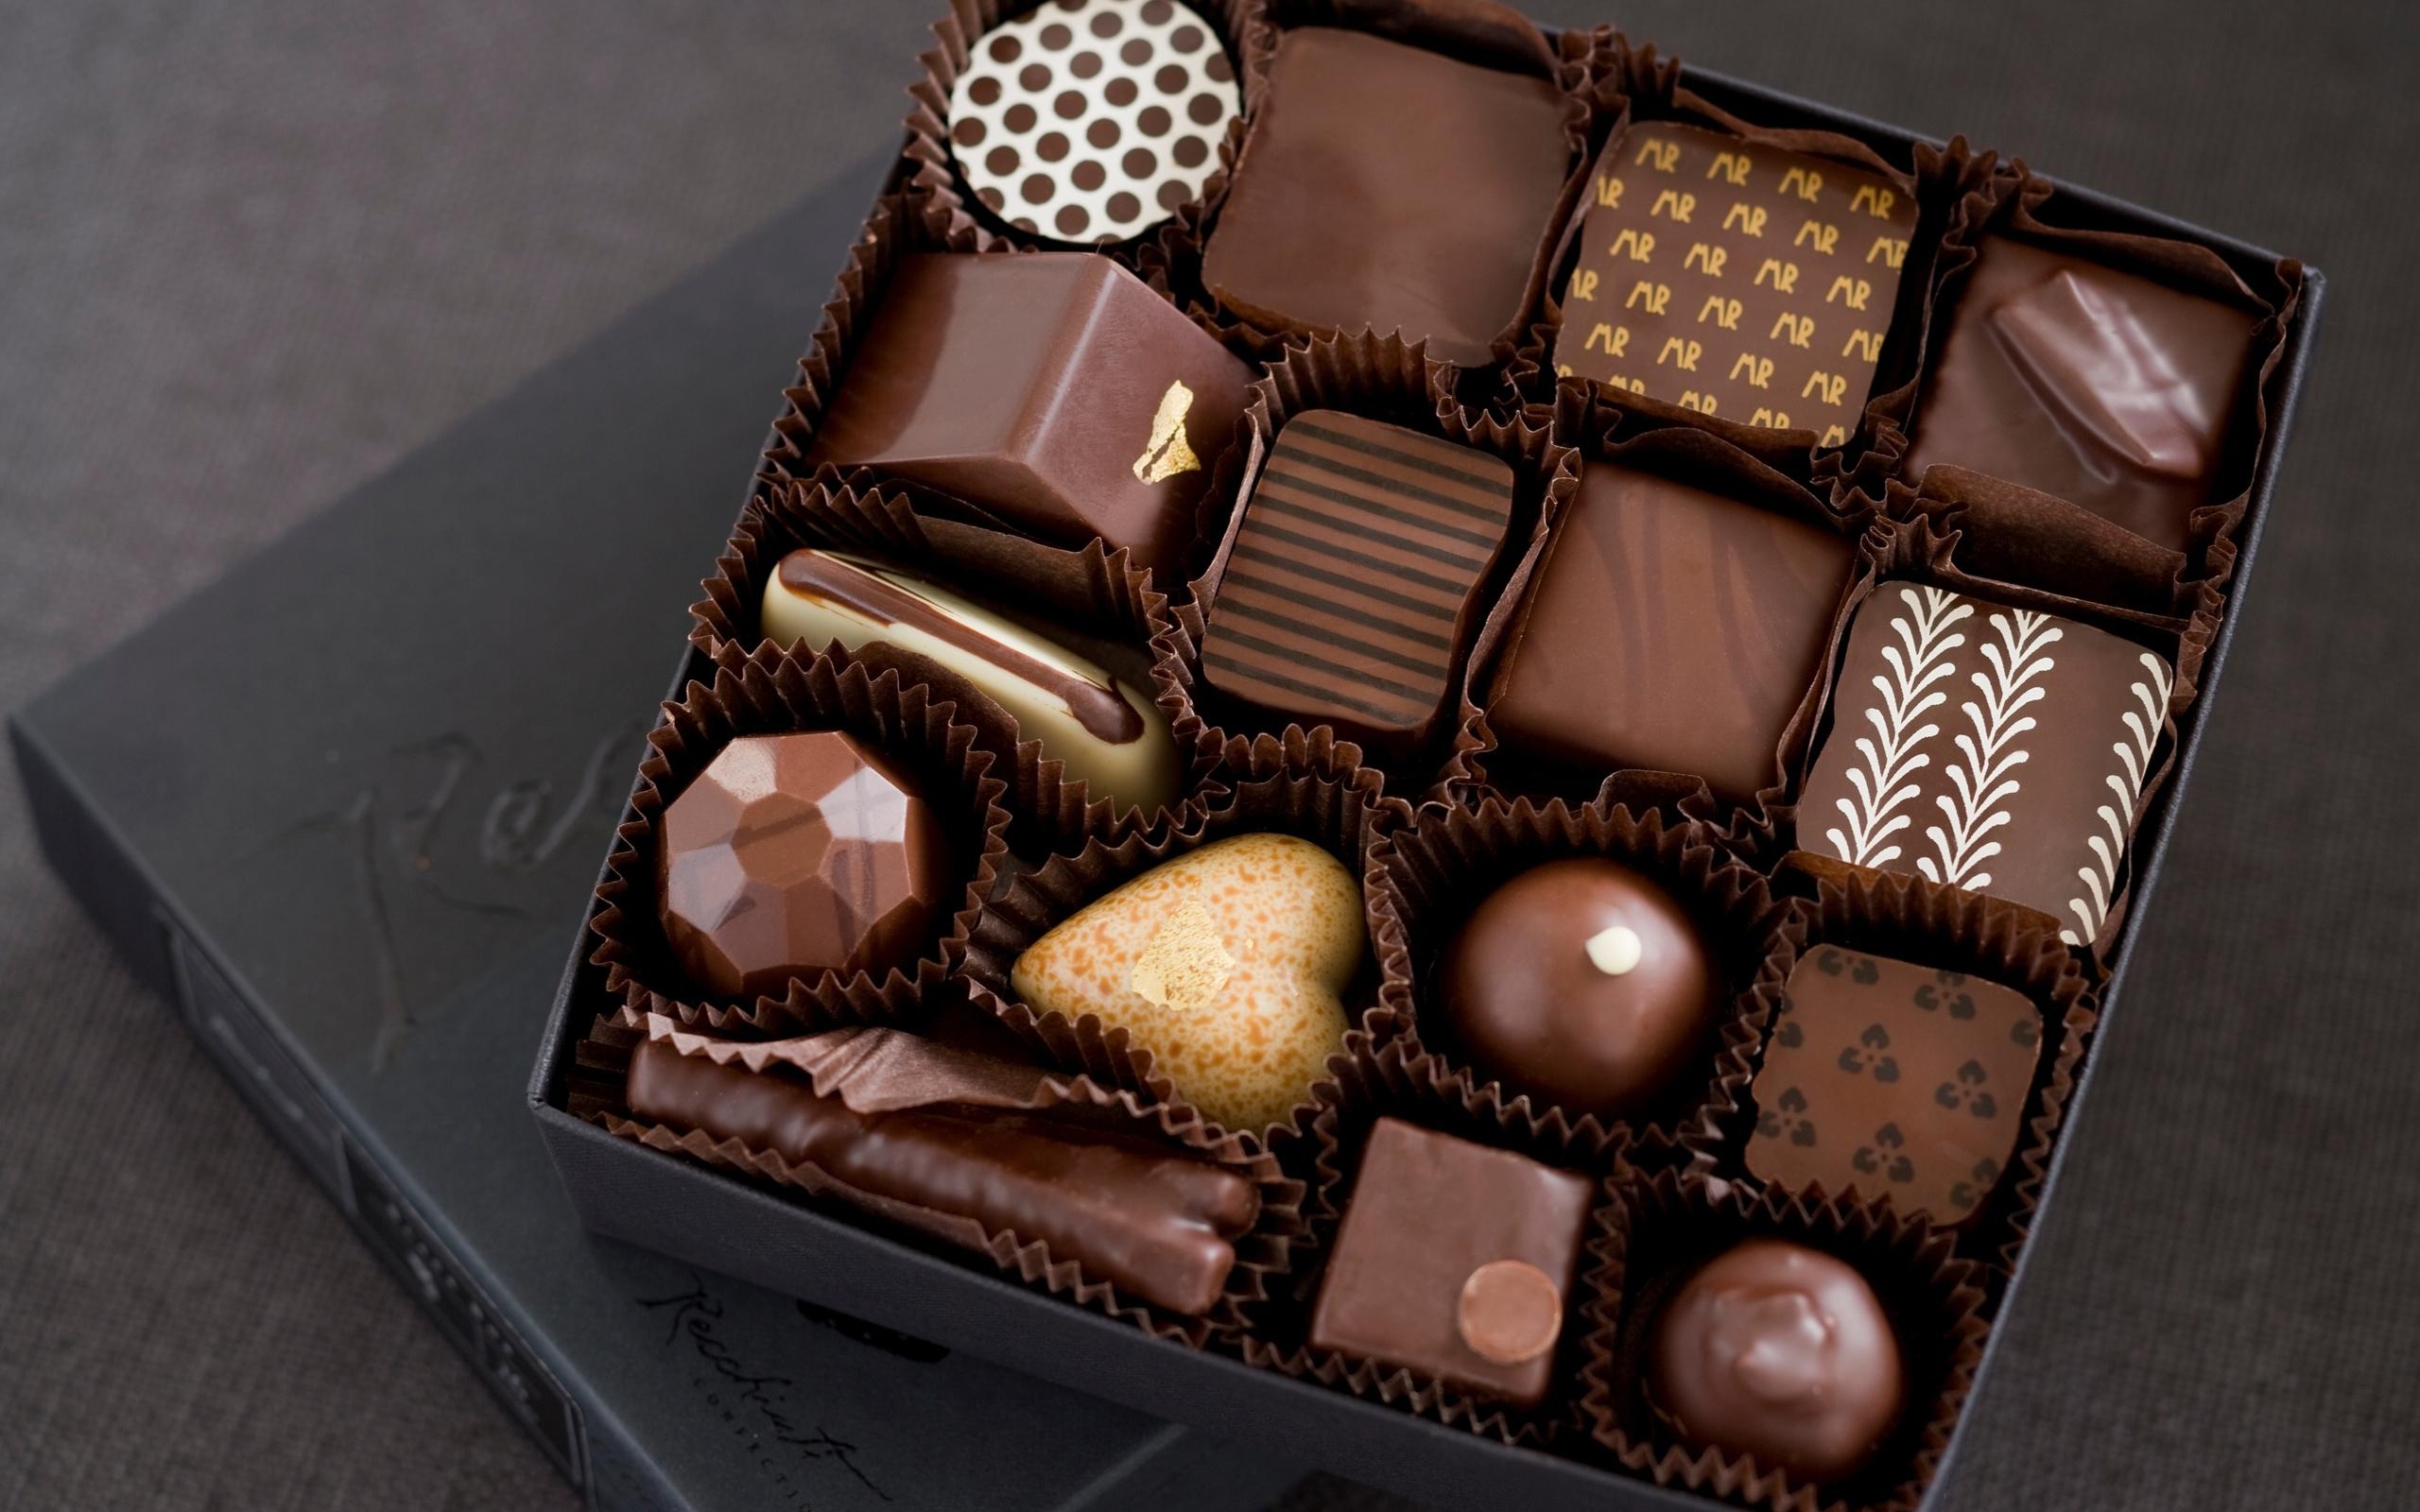 بالصور صور اجمل خلفيات شوكولاته رومانسية , اروع الخلفيات للشوكولا رومانتيك 4101 4